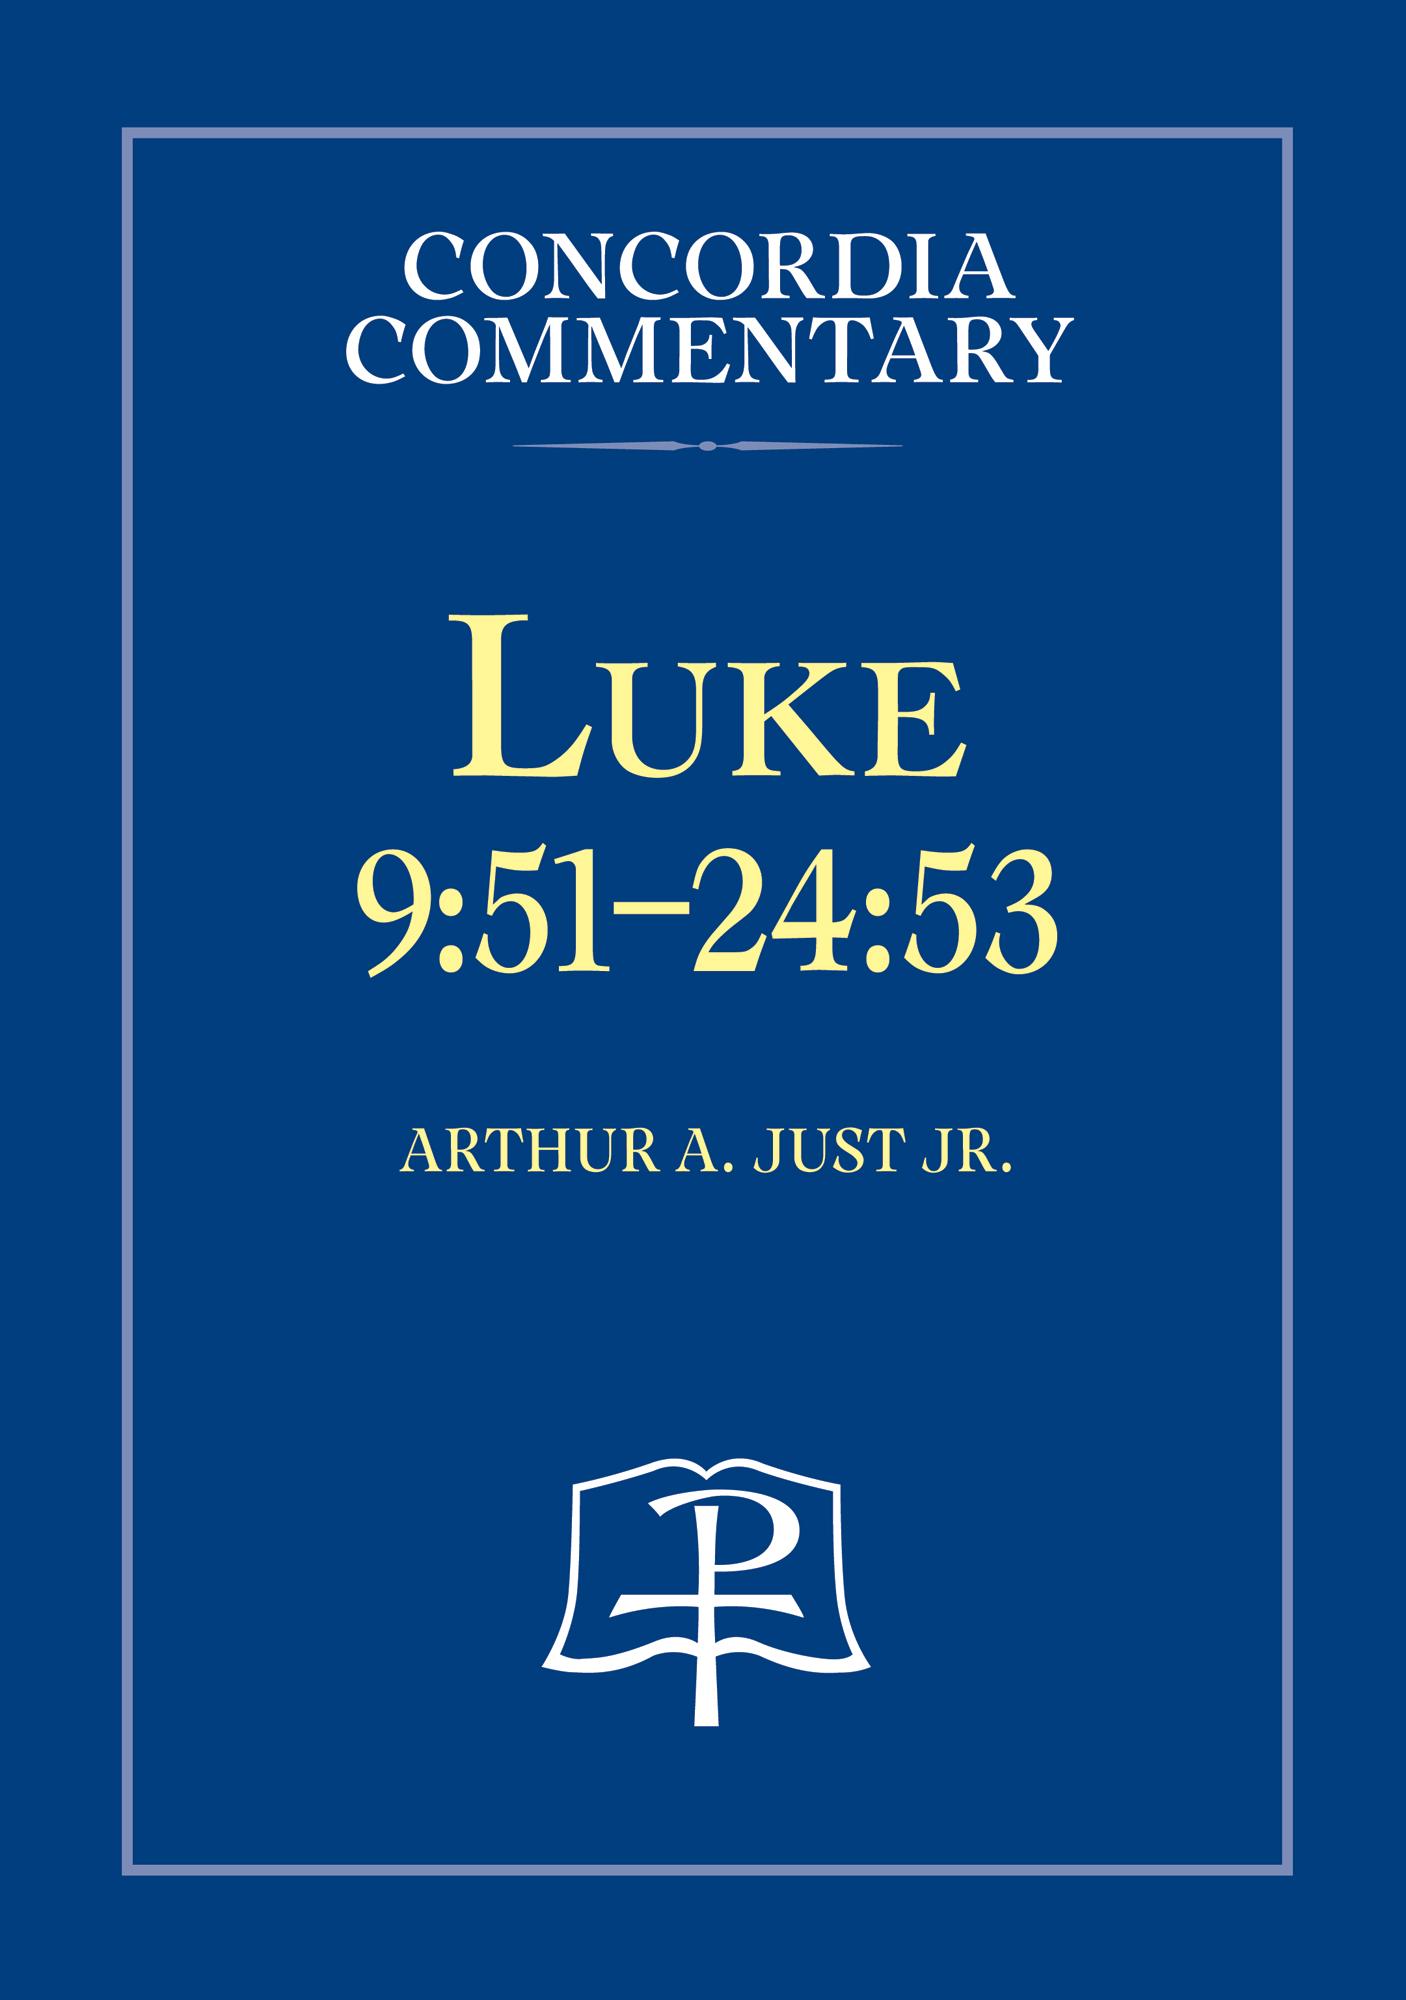 Luke 9:51-24:53